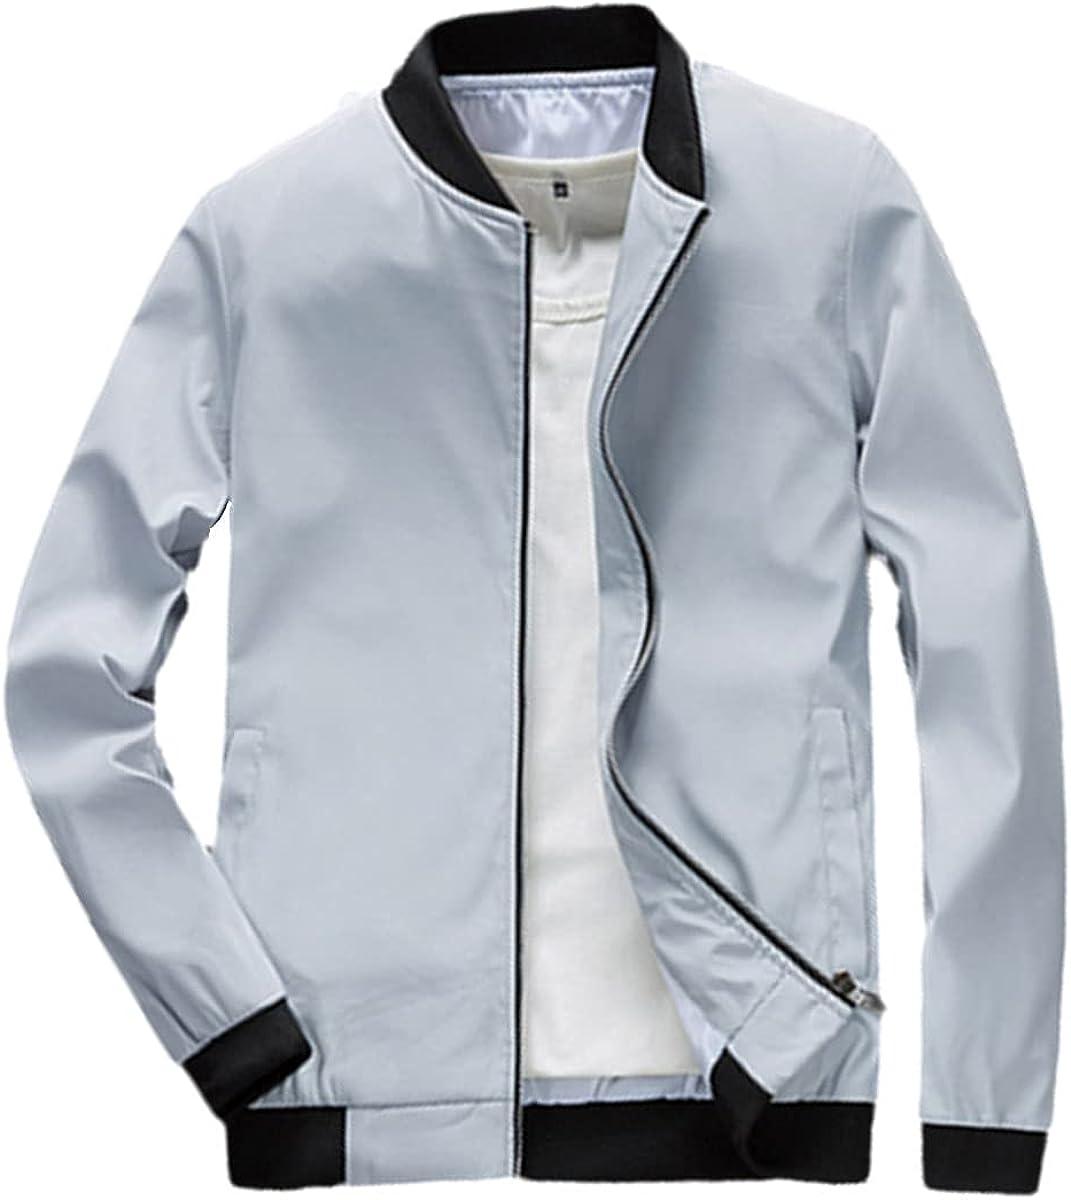 Spring Men's Bomber Jacket Outer Slim Solid Color Jacket Fashion Streetwear Baseball Jacket